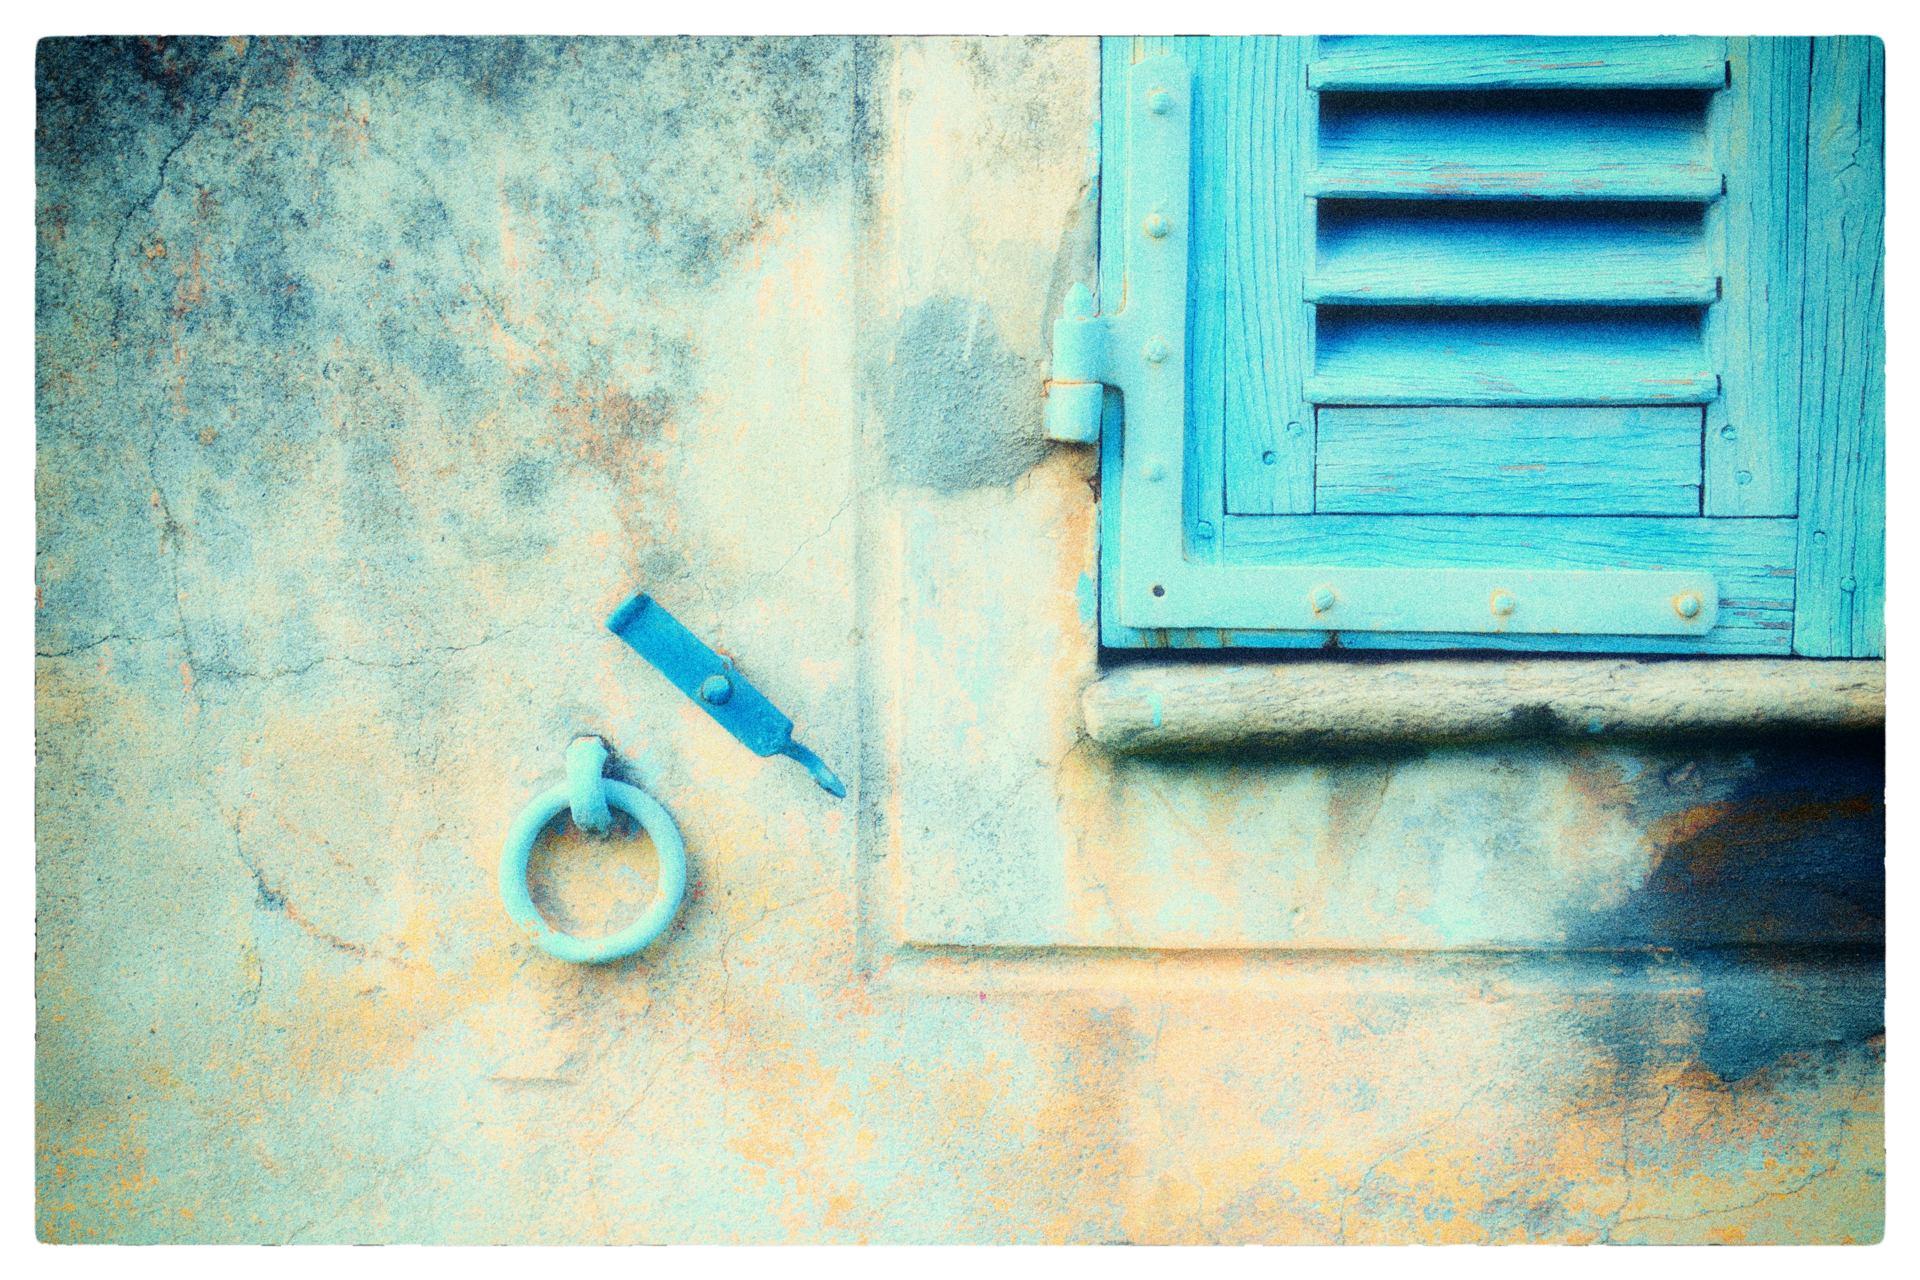 Le volet bleu...